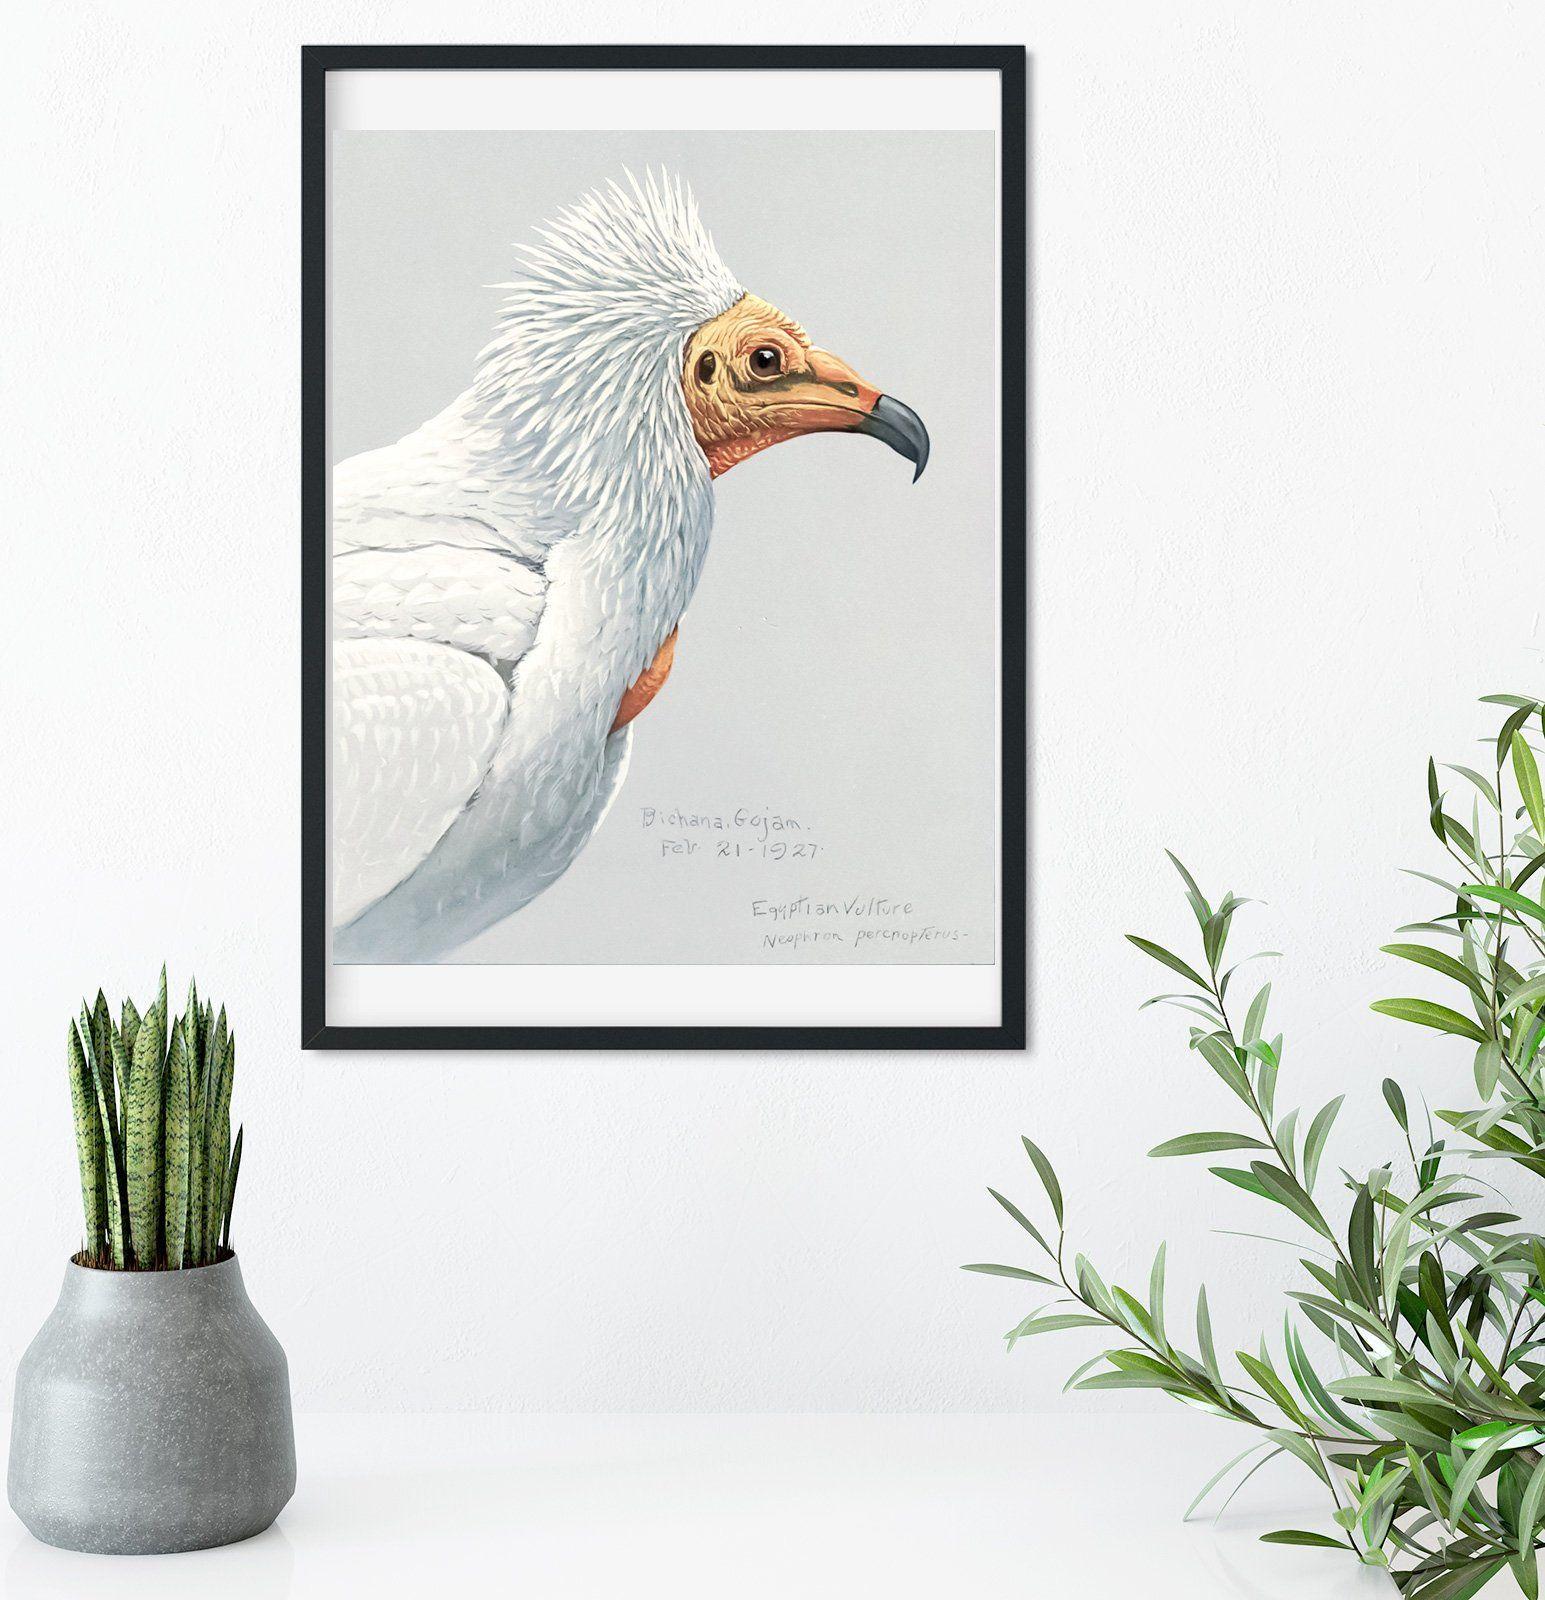 Framed vintage bird prints natural history bird art